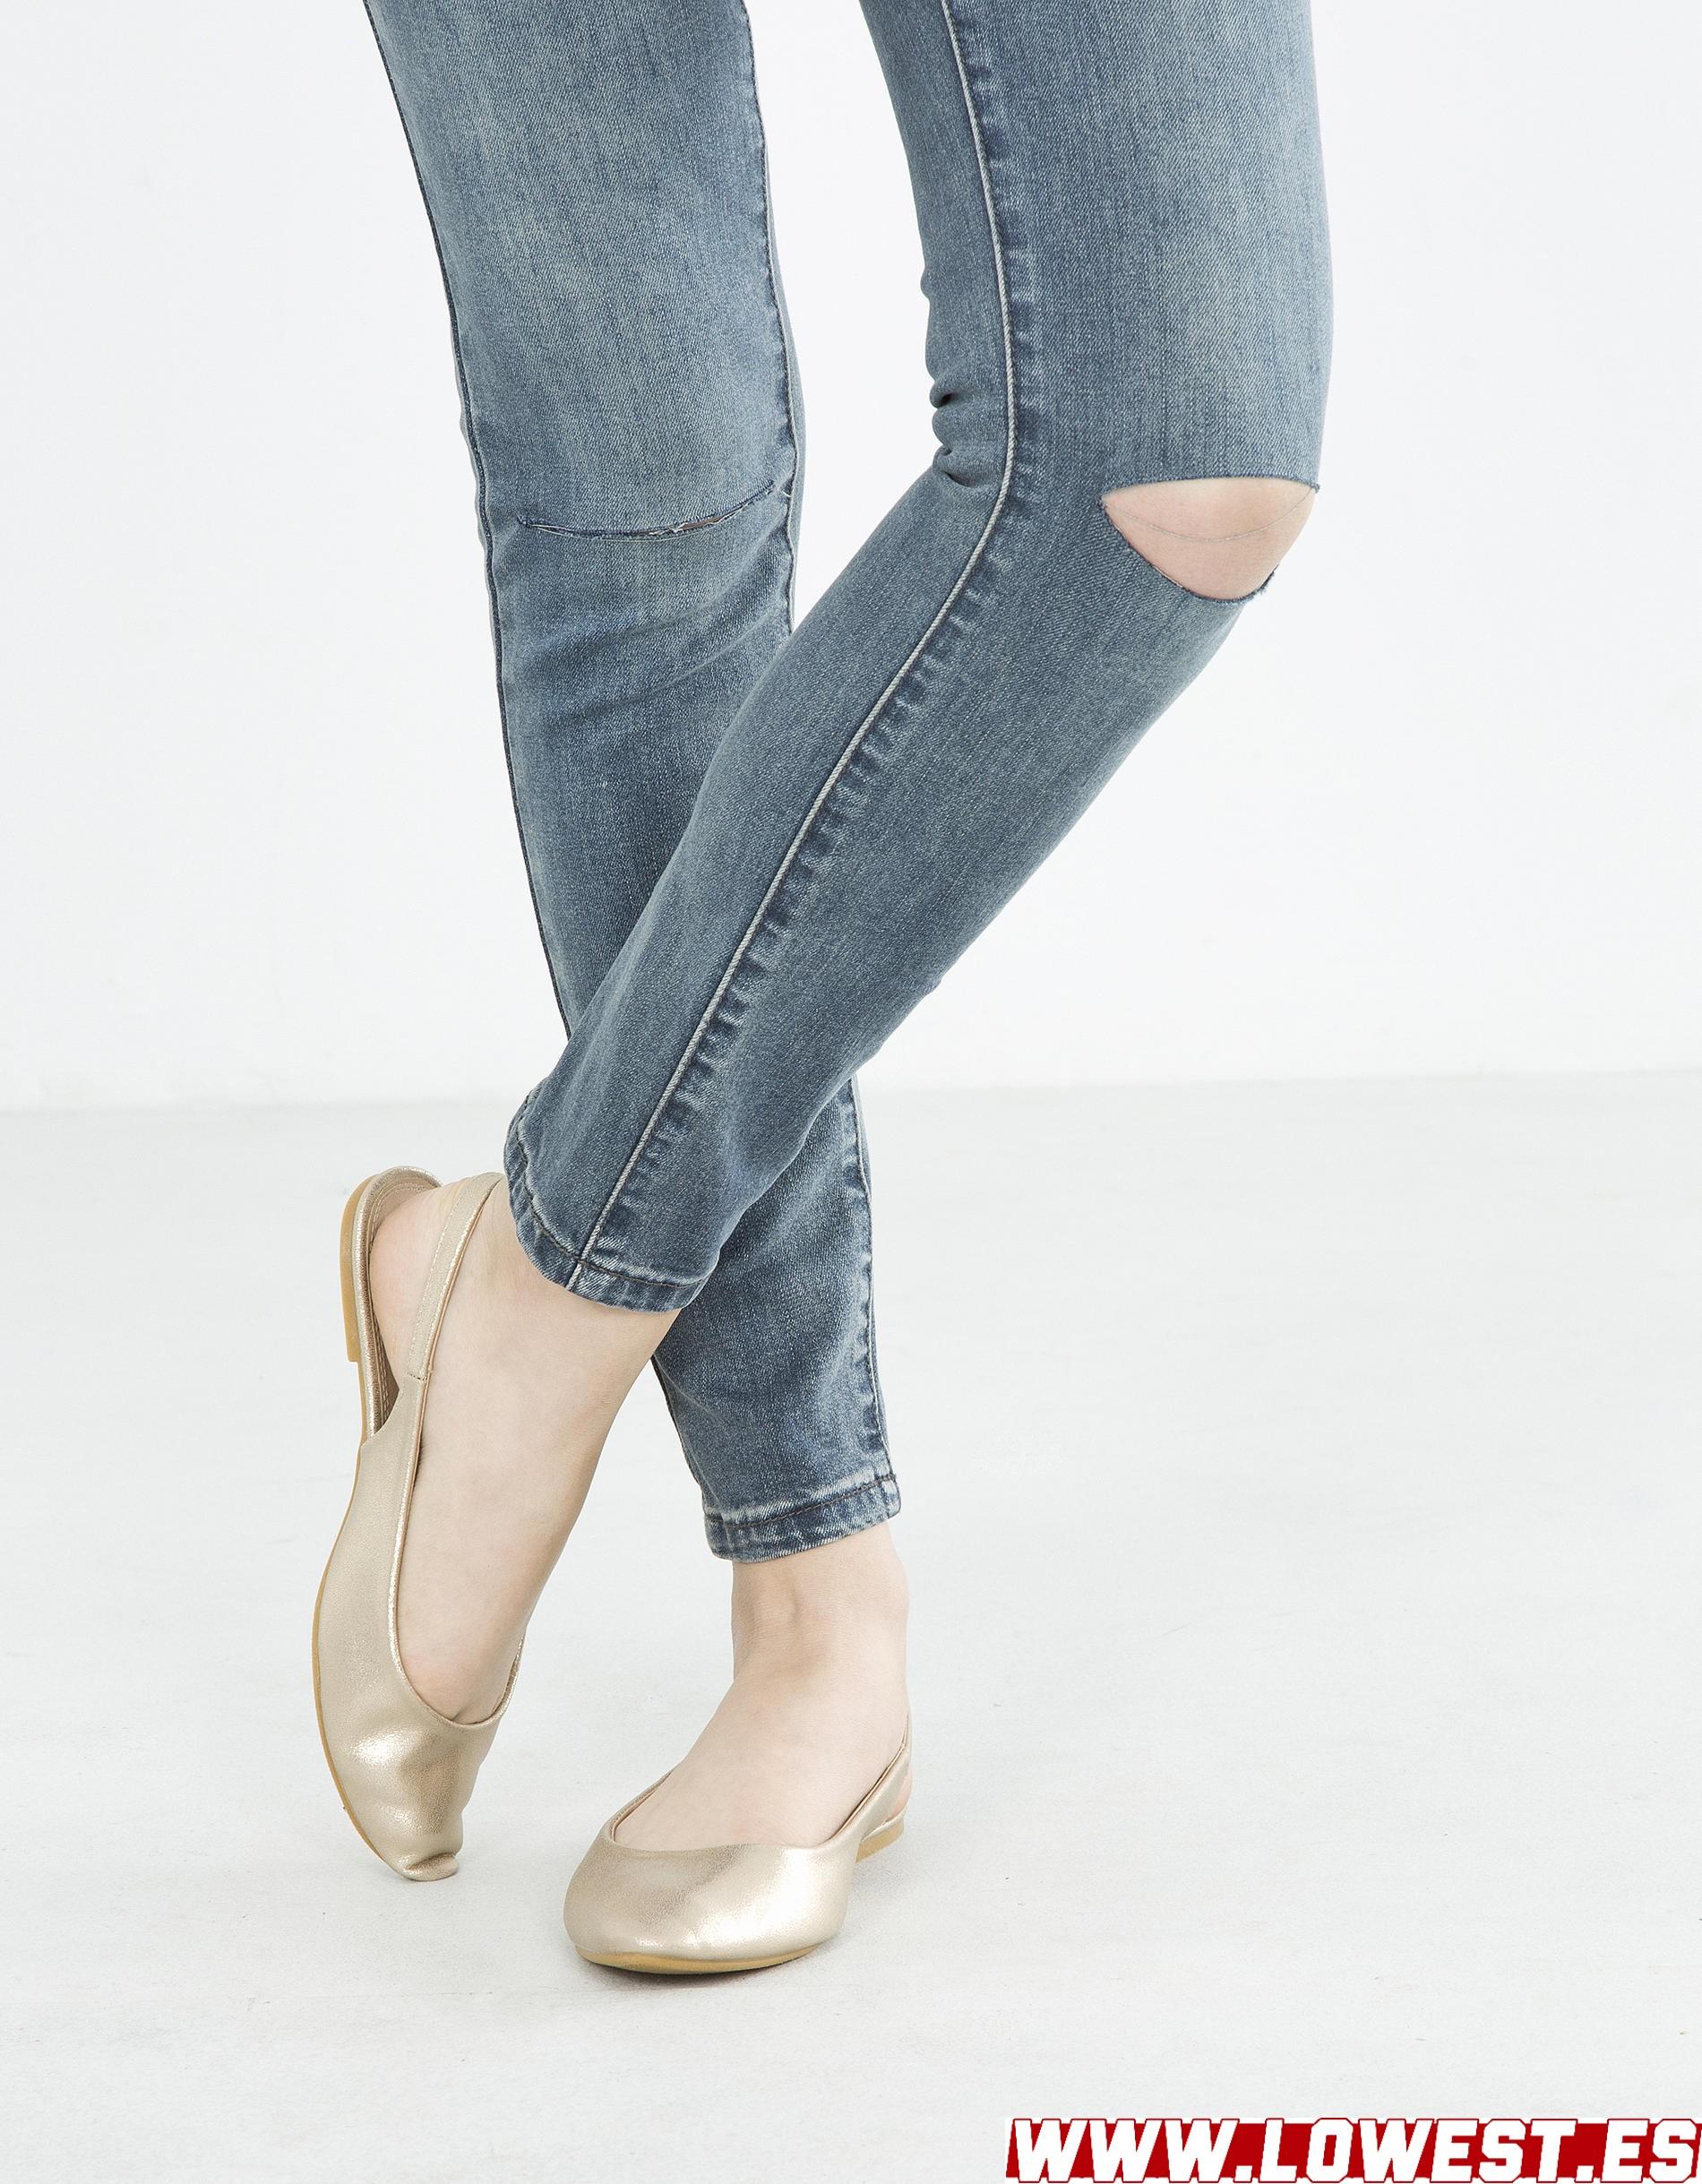 moda para mujer sandalias plateadas Lowest 2019 2020